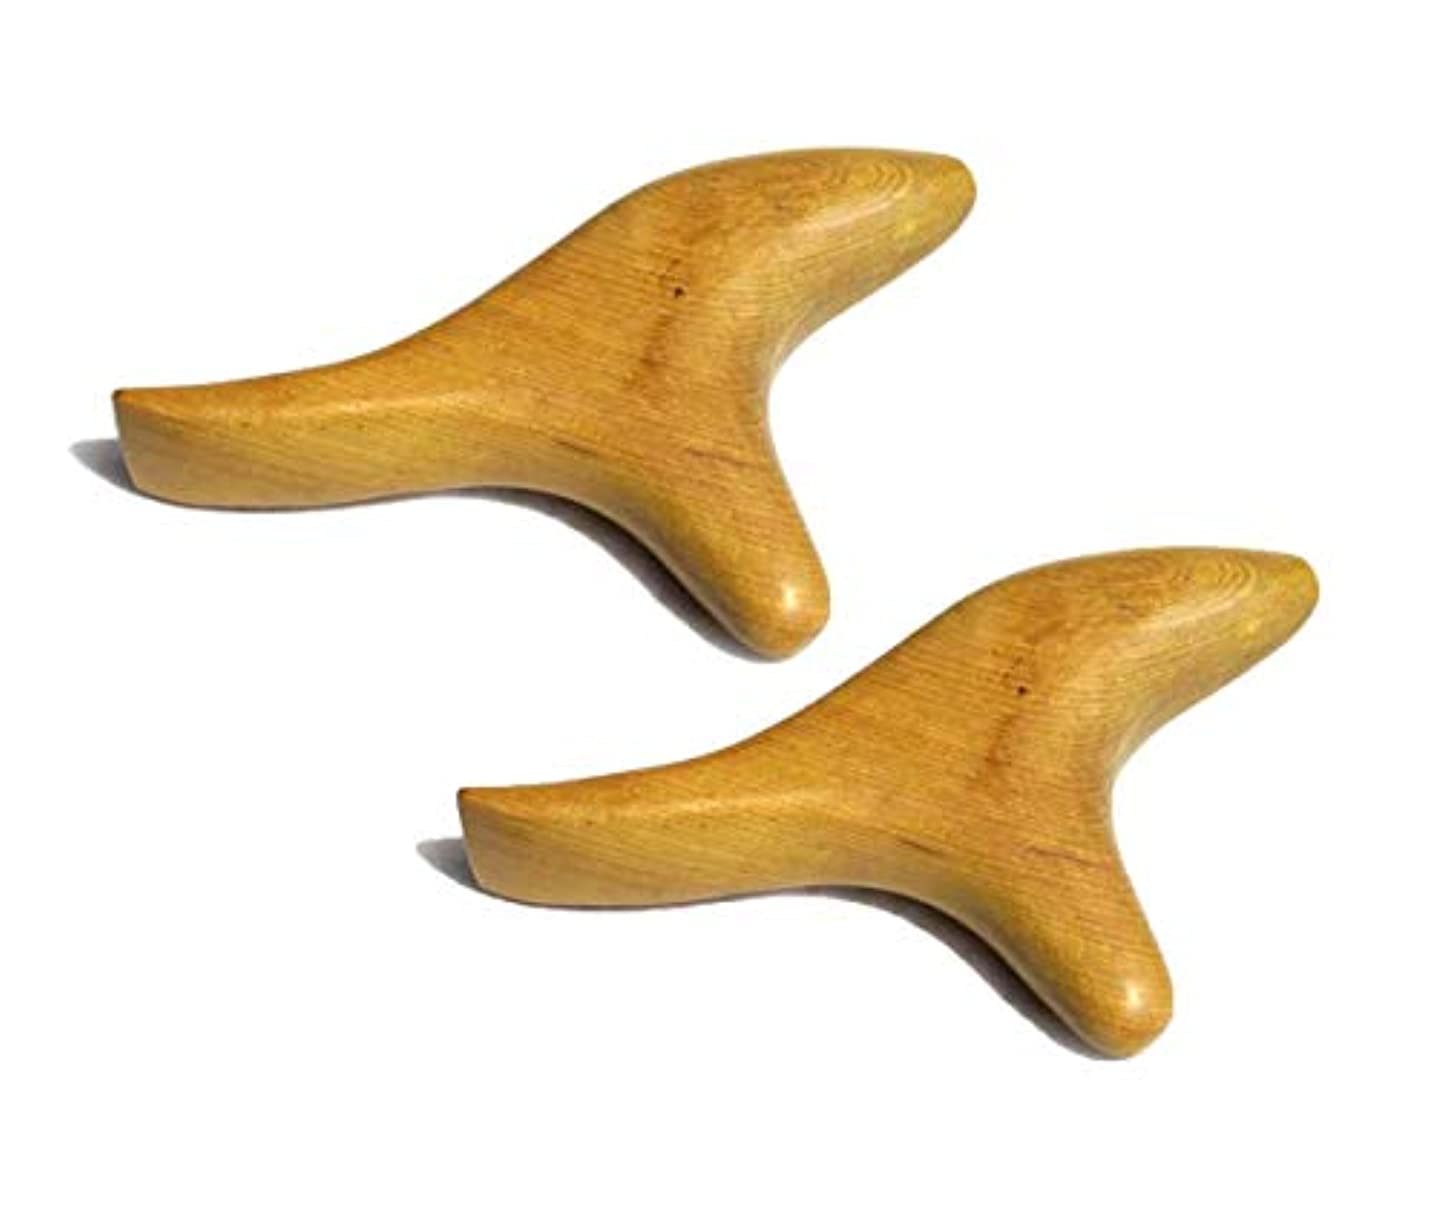 値下げ違うアクションViffly ウッドマッサージ棒 握りタイプ 天然木 オカリナ型(ウッドマッサージ棒2個)